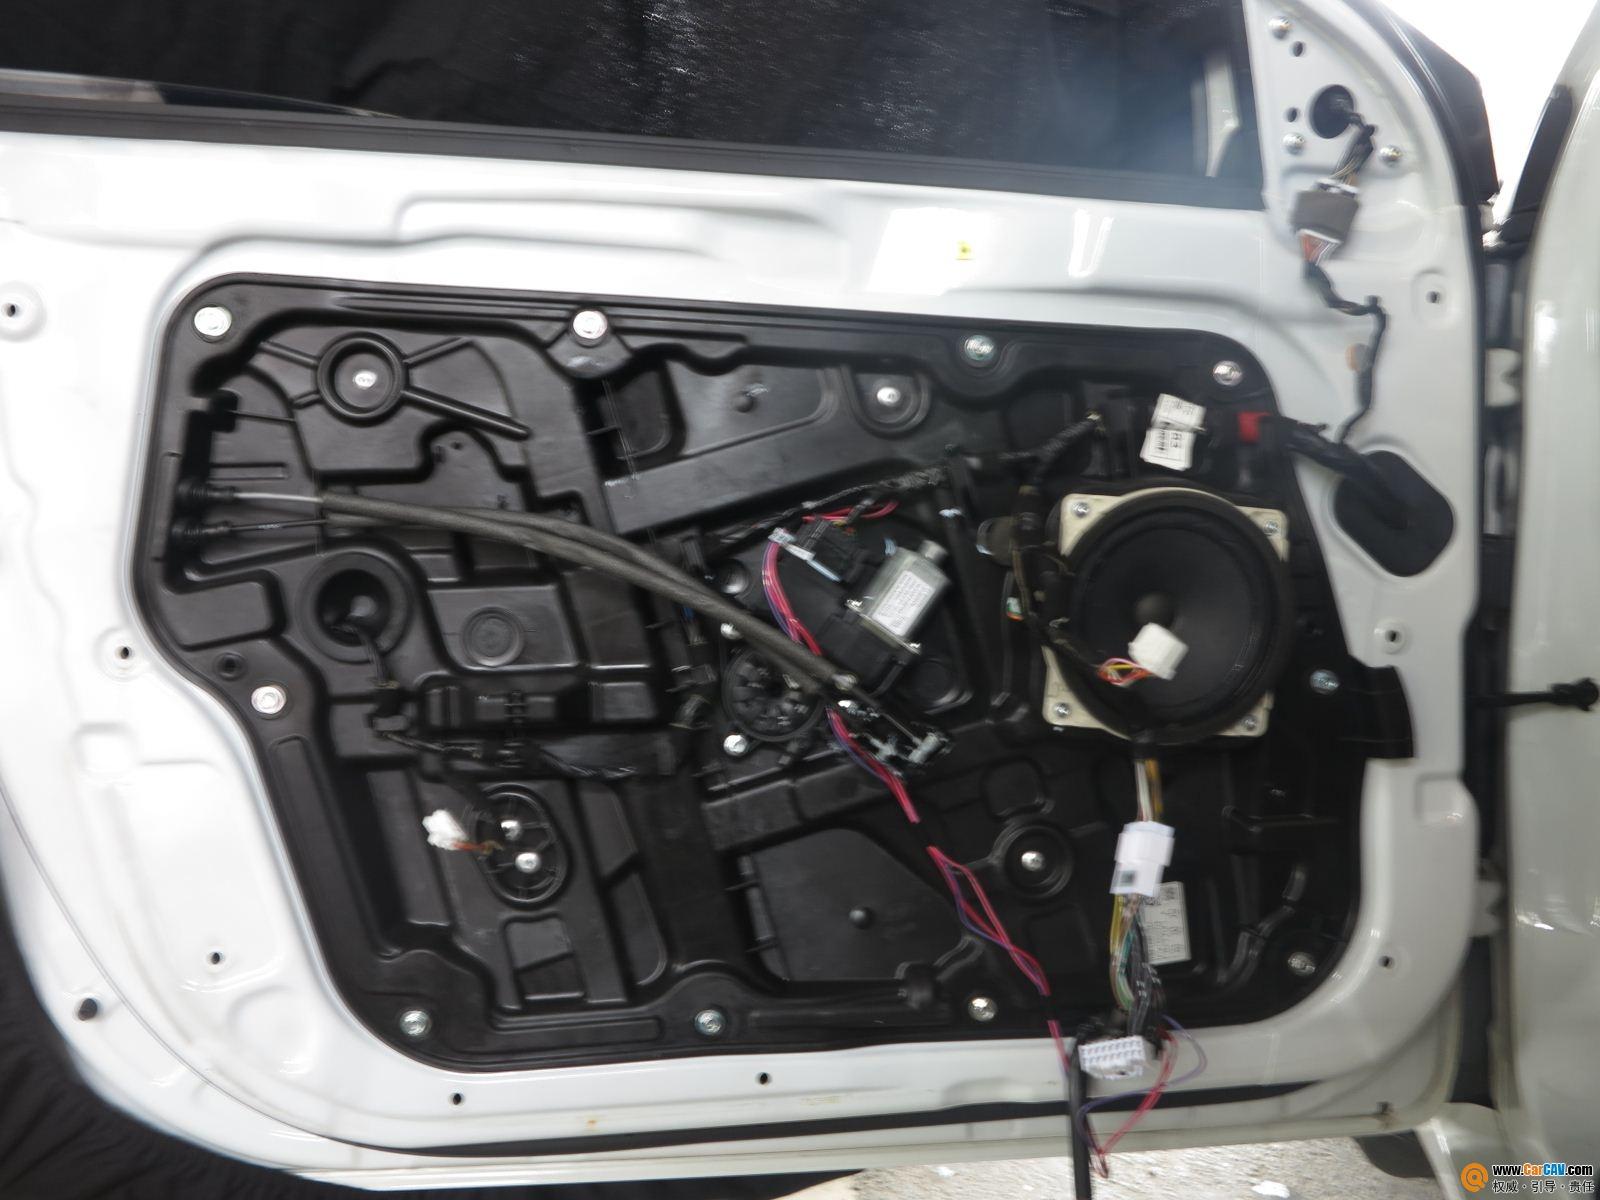 ER洛克力量 北京现代索纳塔8音响改装案例 汽车影音网论坛 汽车音高清图片